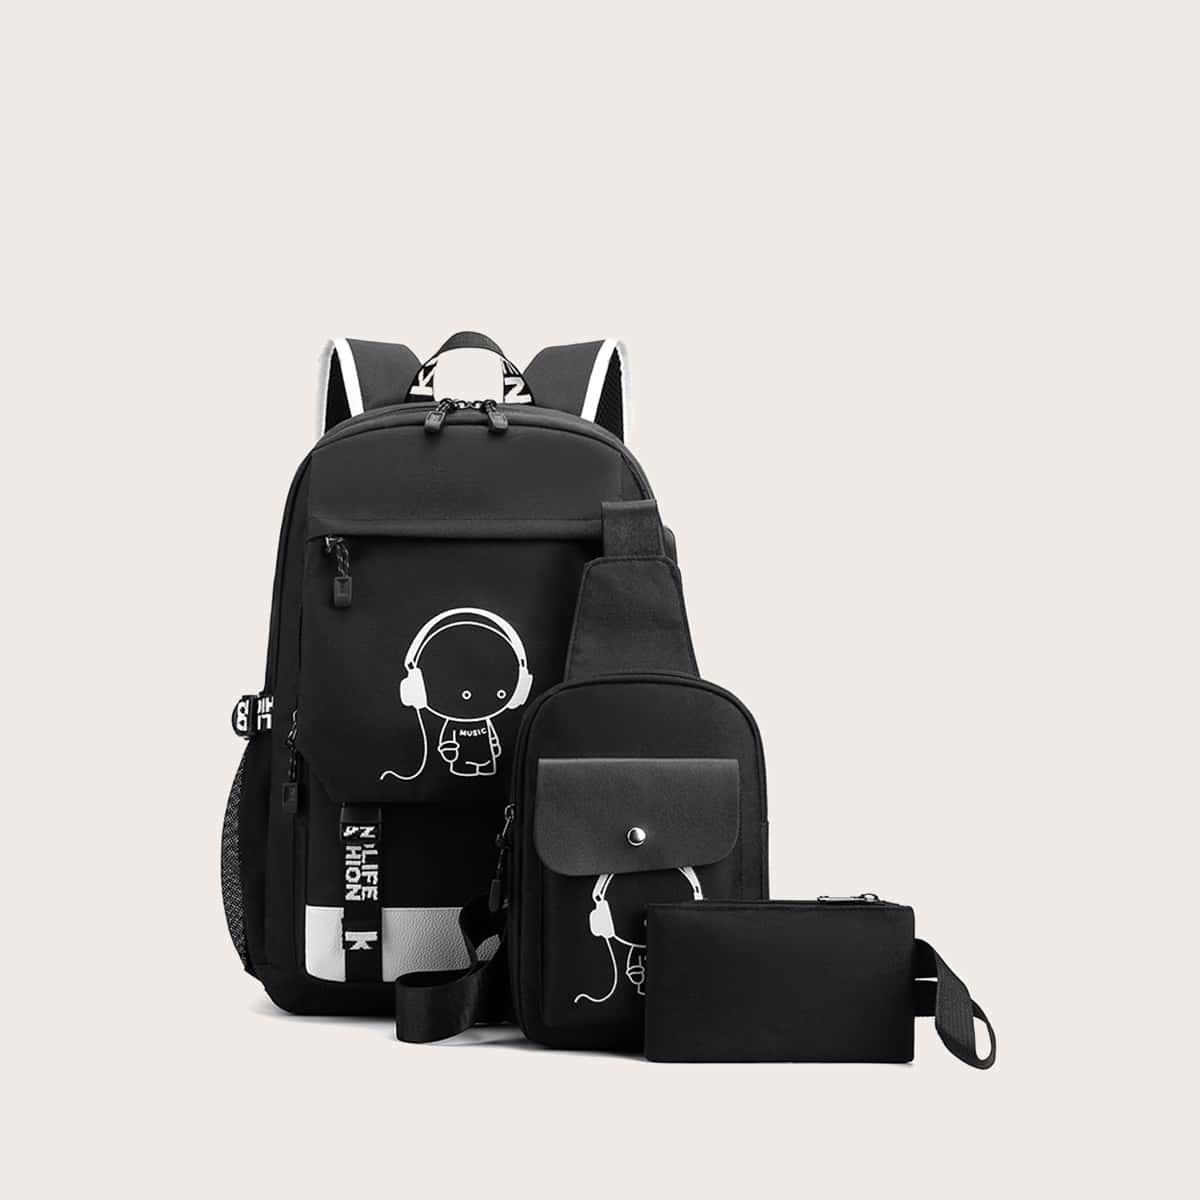 3шт мужская сумка с мультяшным принтом от SHEIN